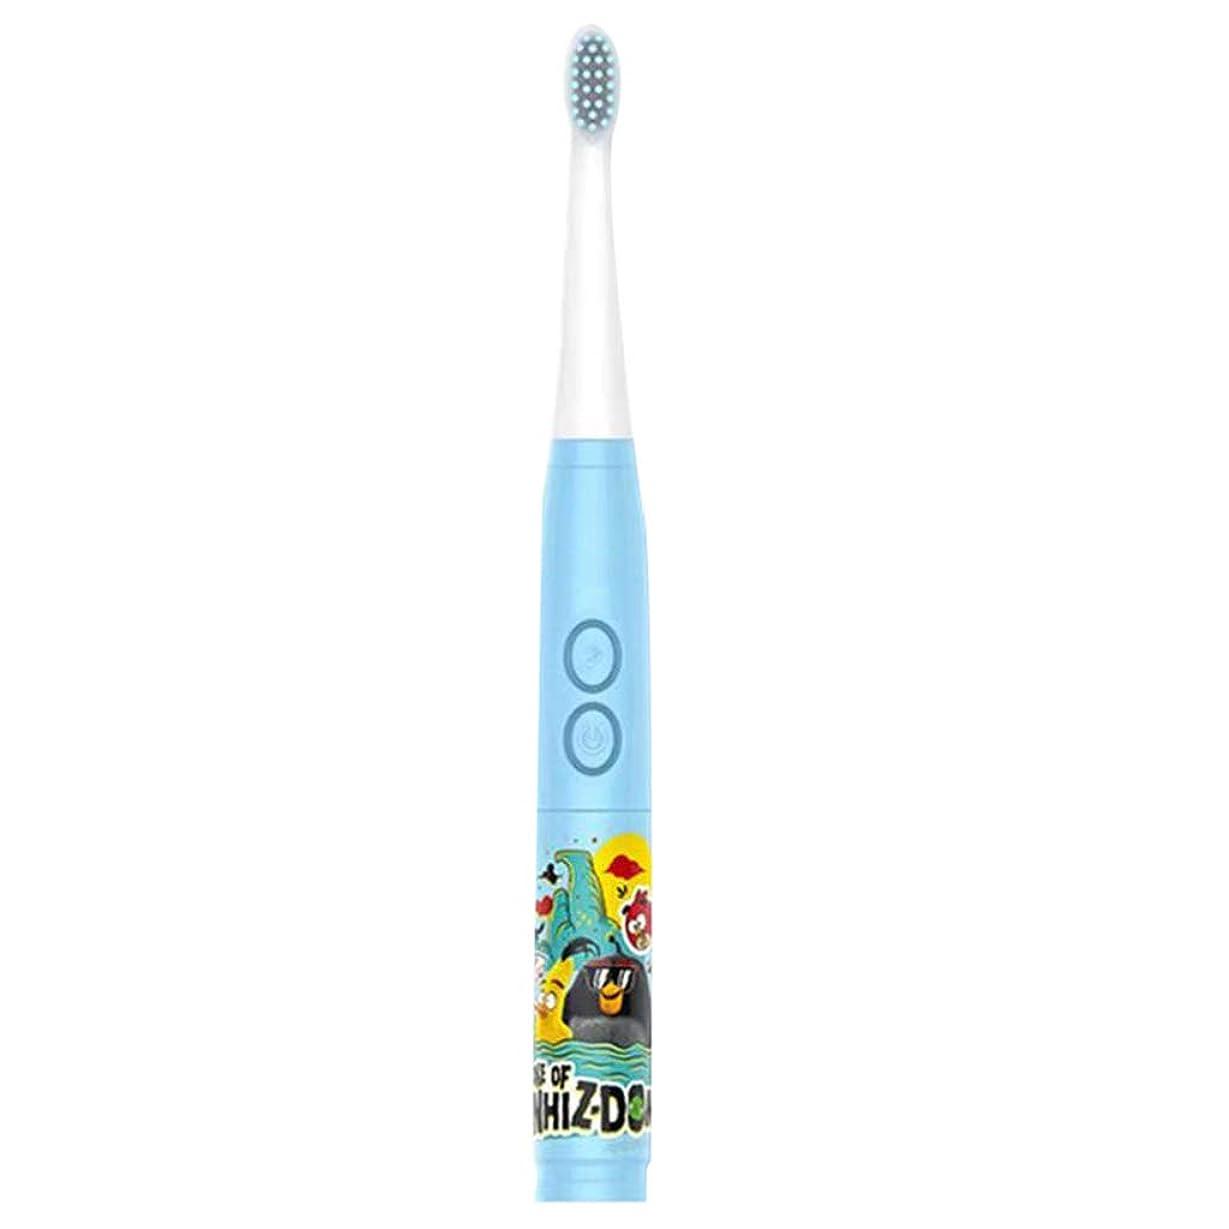 内陸研究ラフトシンプルな子供の音楽電動歯ブラシ男の子と女の子の自動歯ブラシ3-6-12歳の柔らかい髪の赤ちゃんの歯ブラシの家 (色 : A)